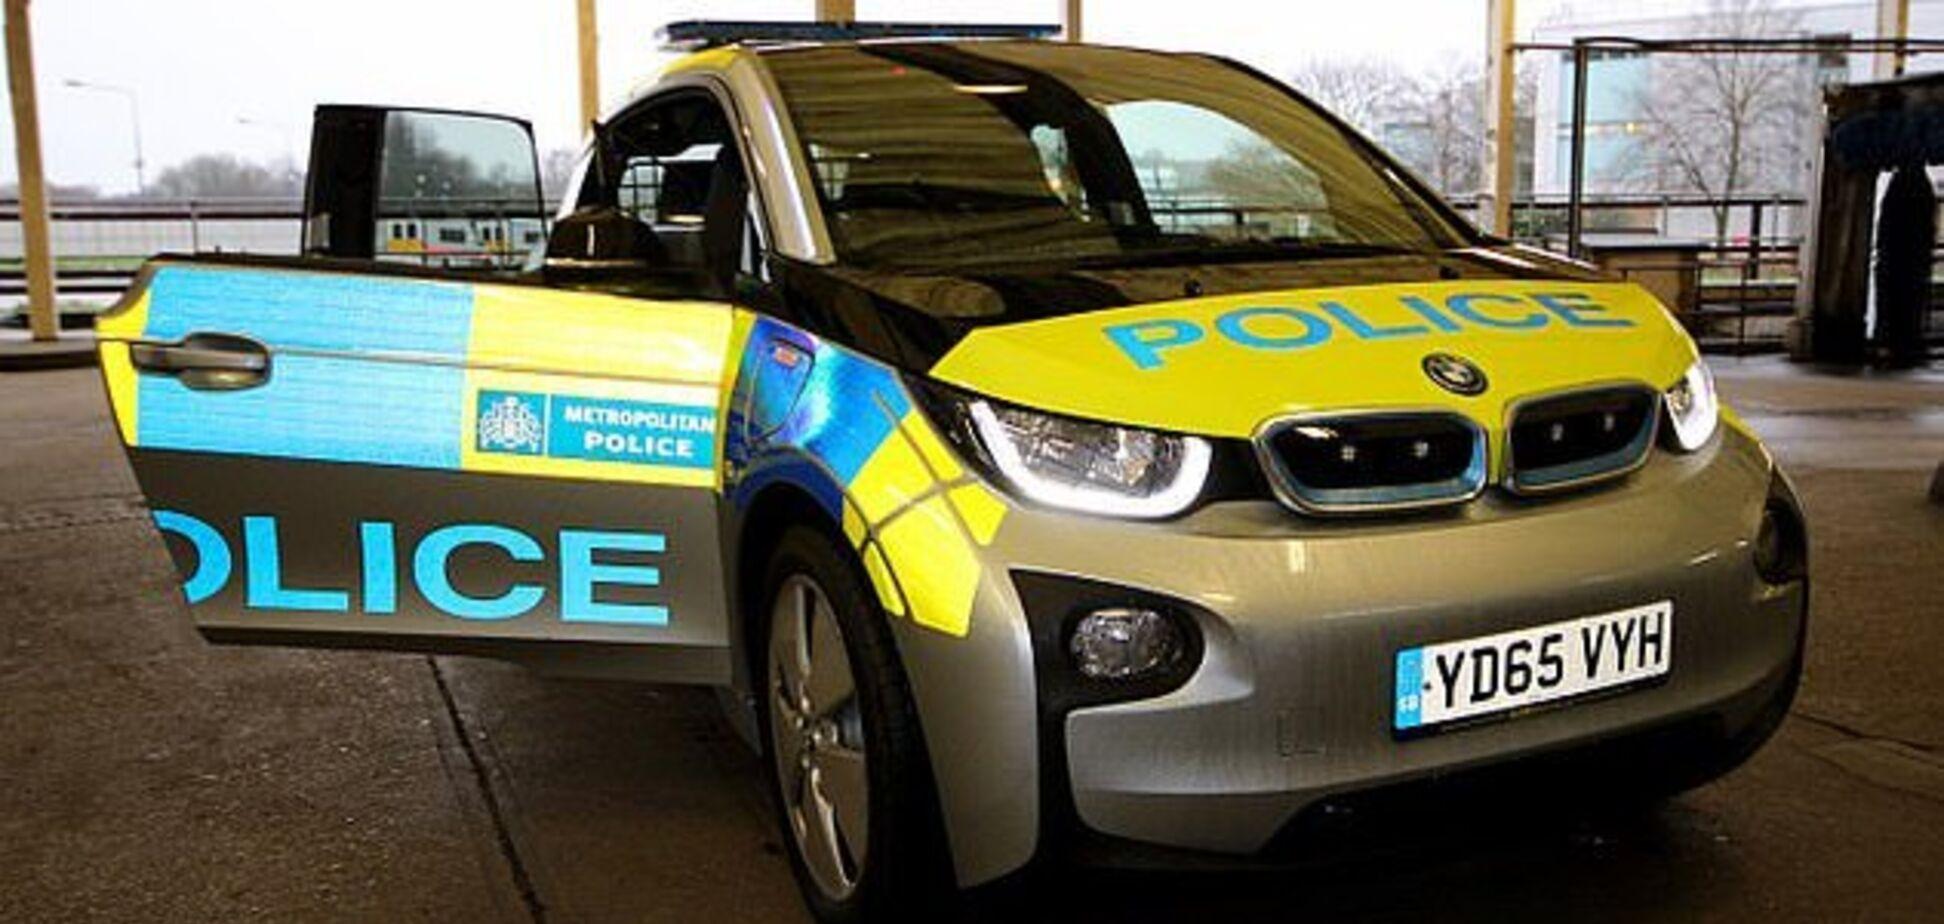 Поліція Британії закупила електрокари й жорстко їх розкритикувала: що трапилося